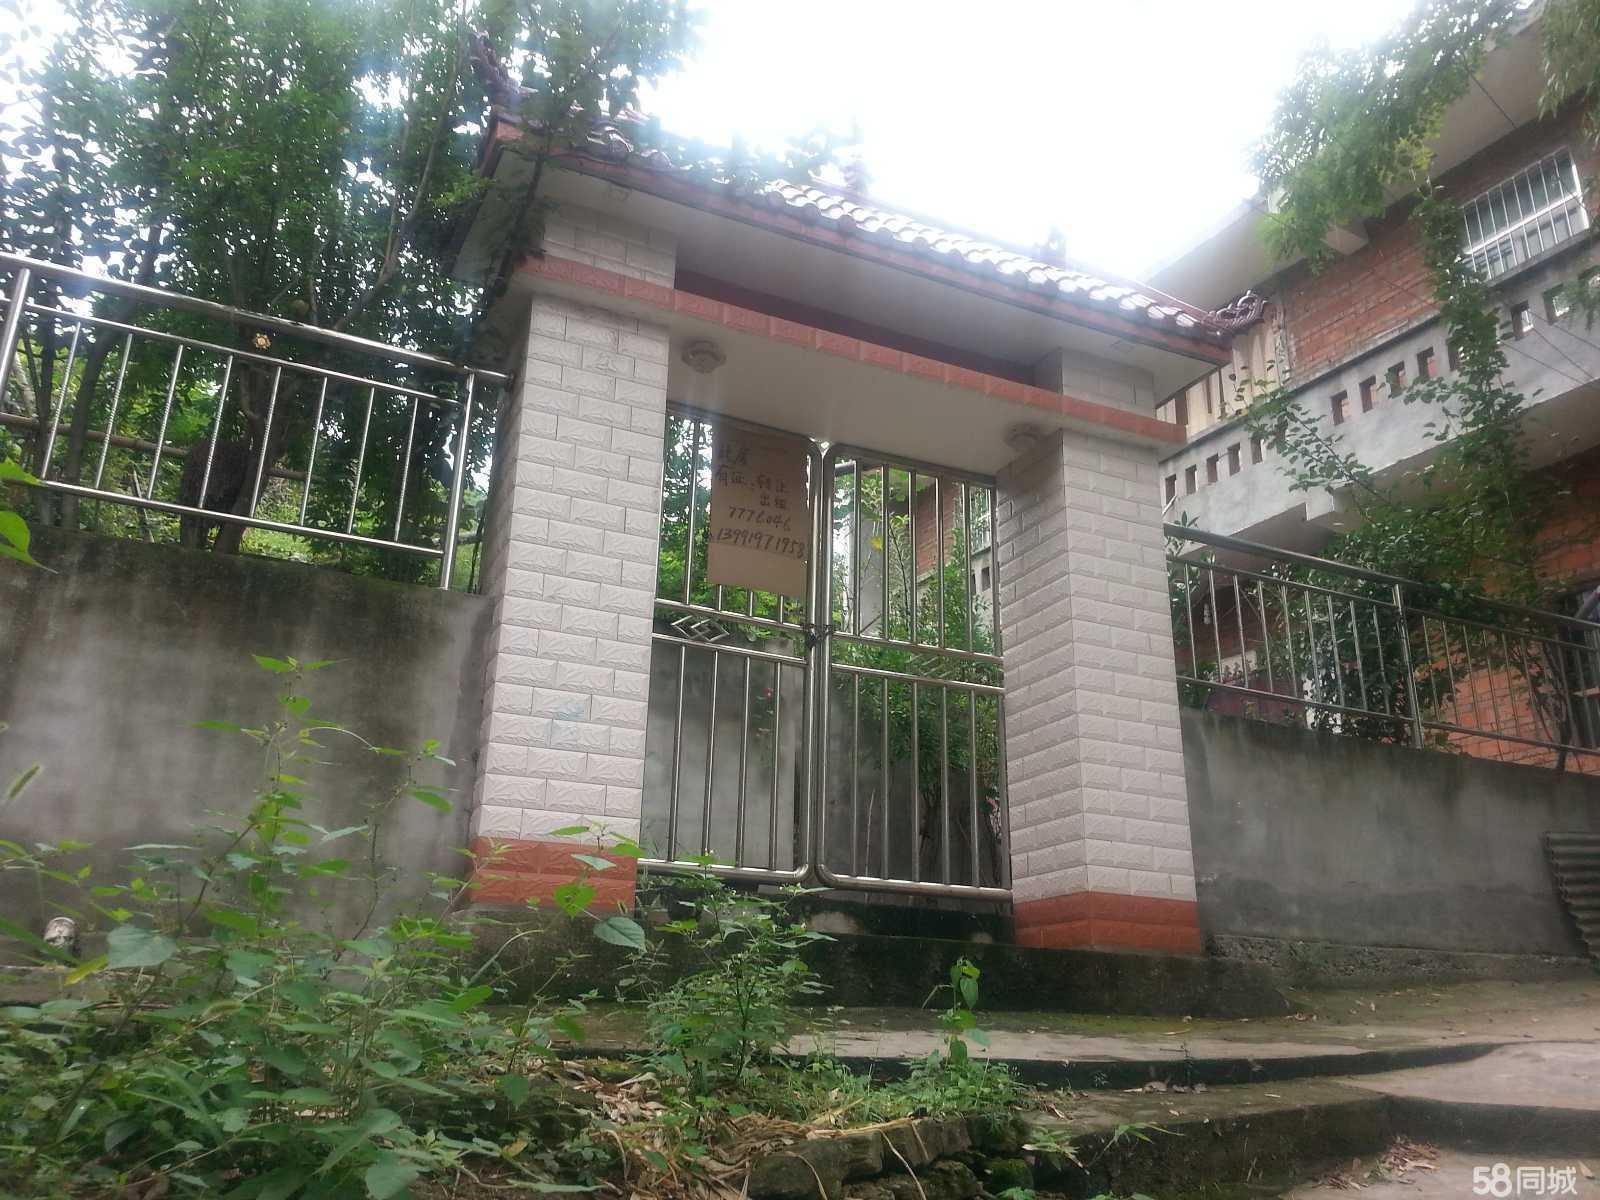 旬阳自建花园院落6室1厅2卫230平米低价21.6万